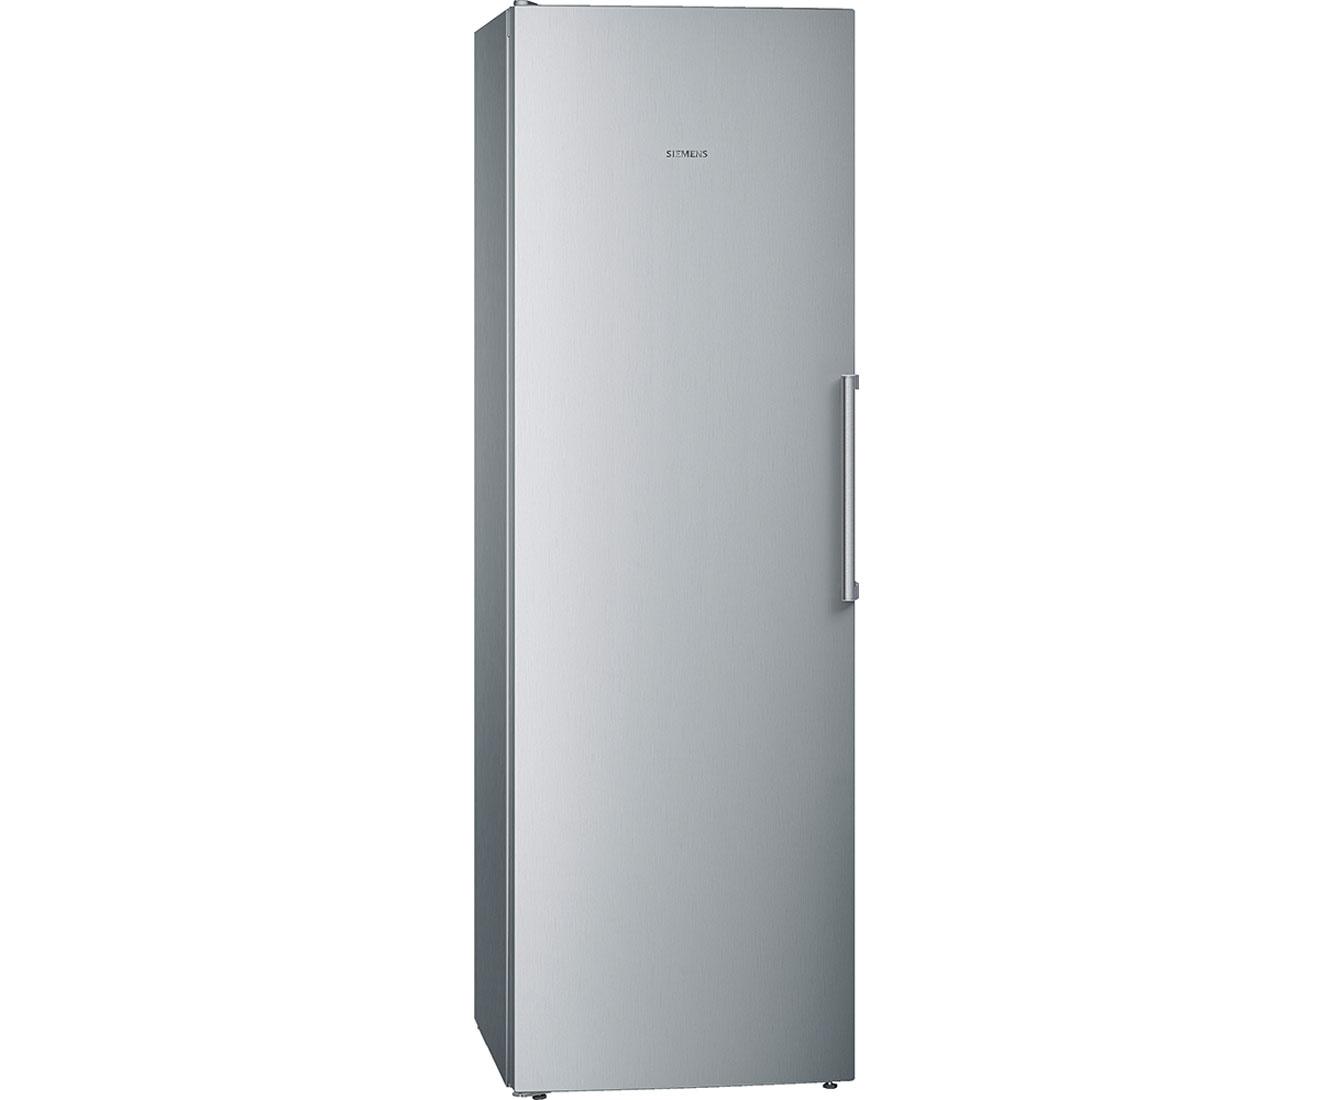 Outdoor Küche Edelstahl Mit Kühlschrank : Edelstahl kühlschrank edelstahl kühlschrank in der küche